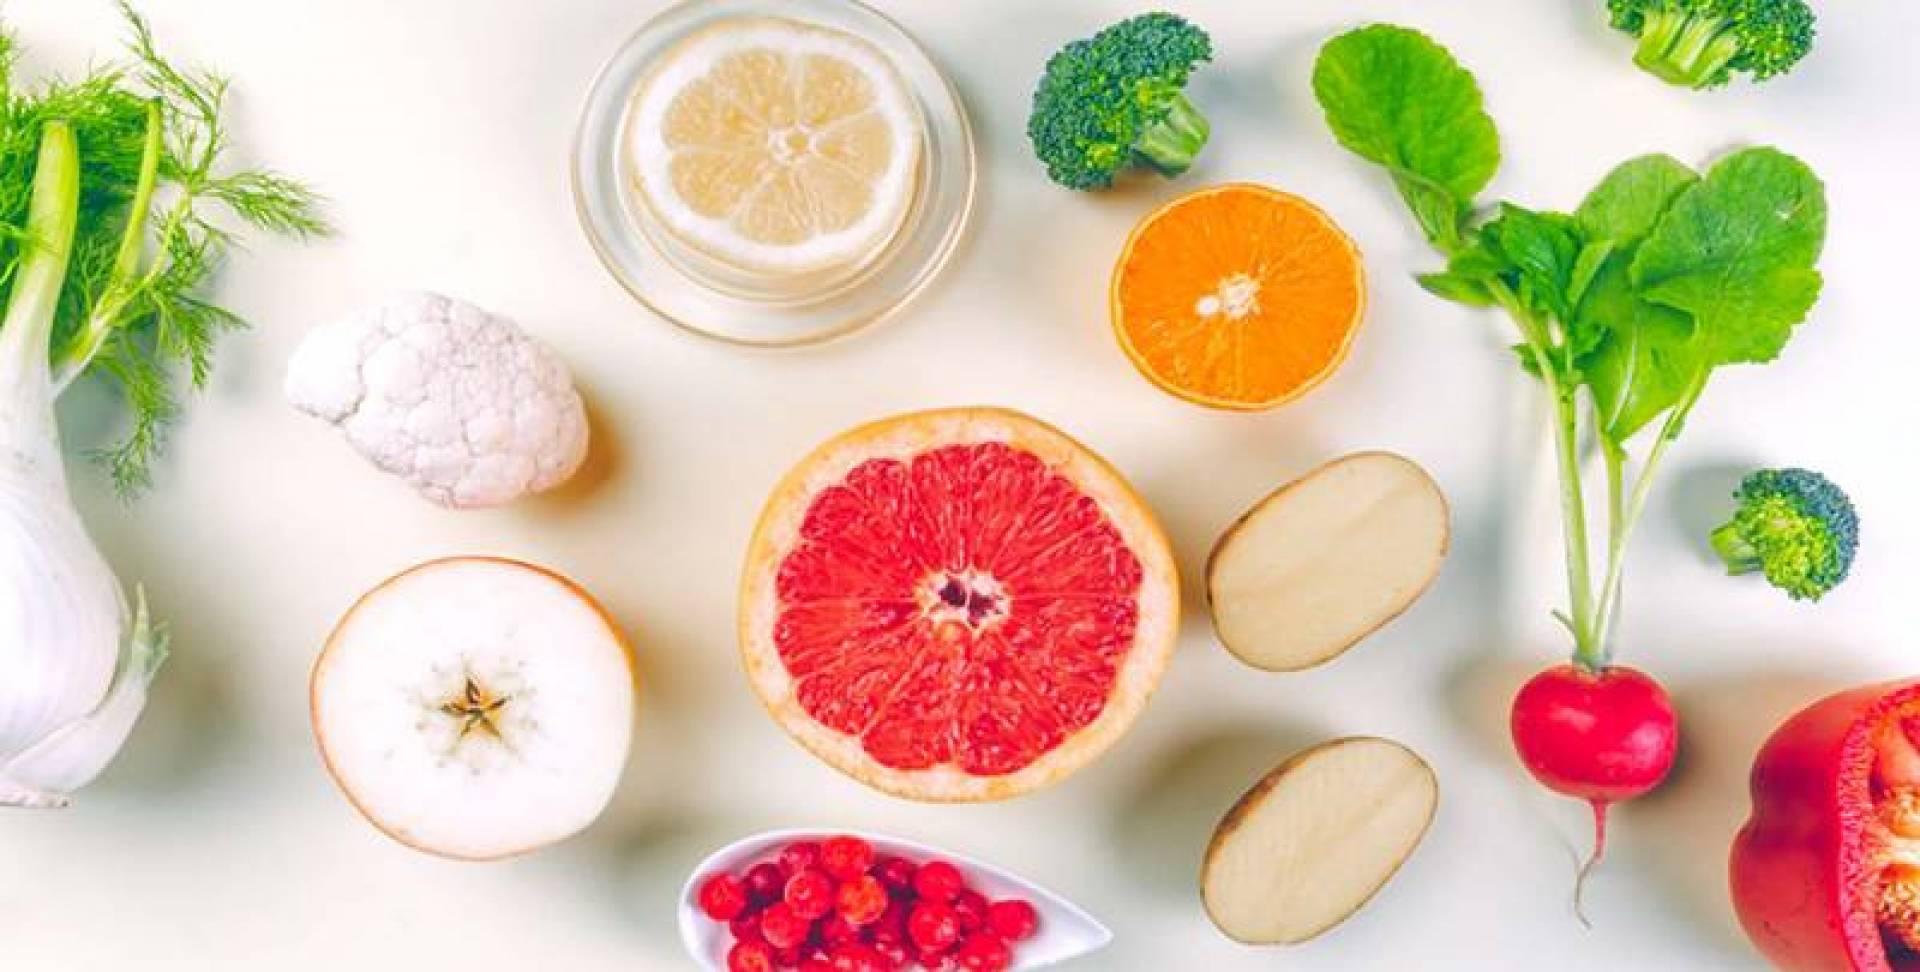 تناول الحلويات والأغذية المصنعة بكثرة.. يُضعف المناعة